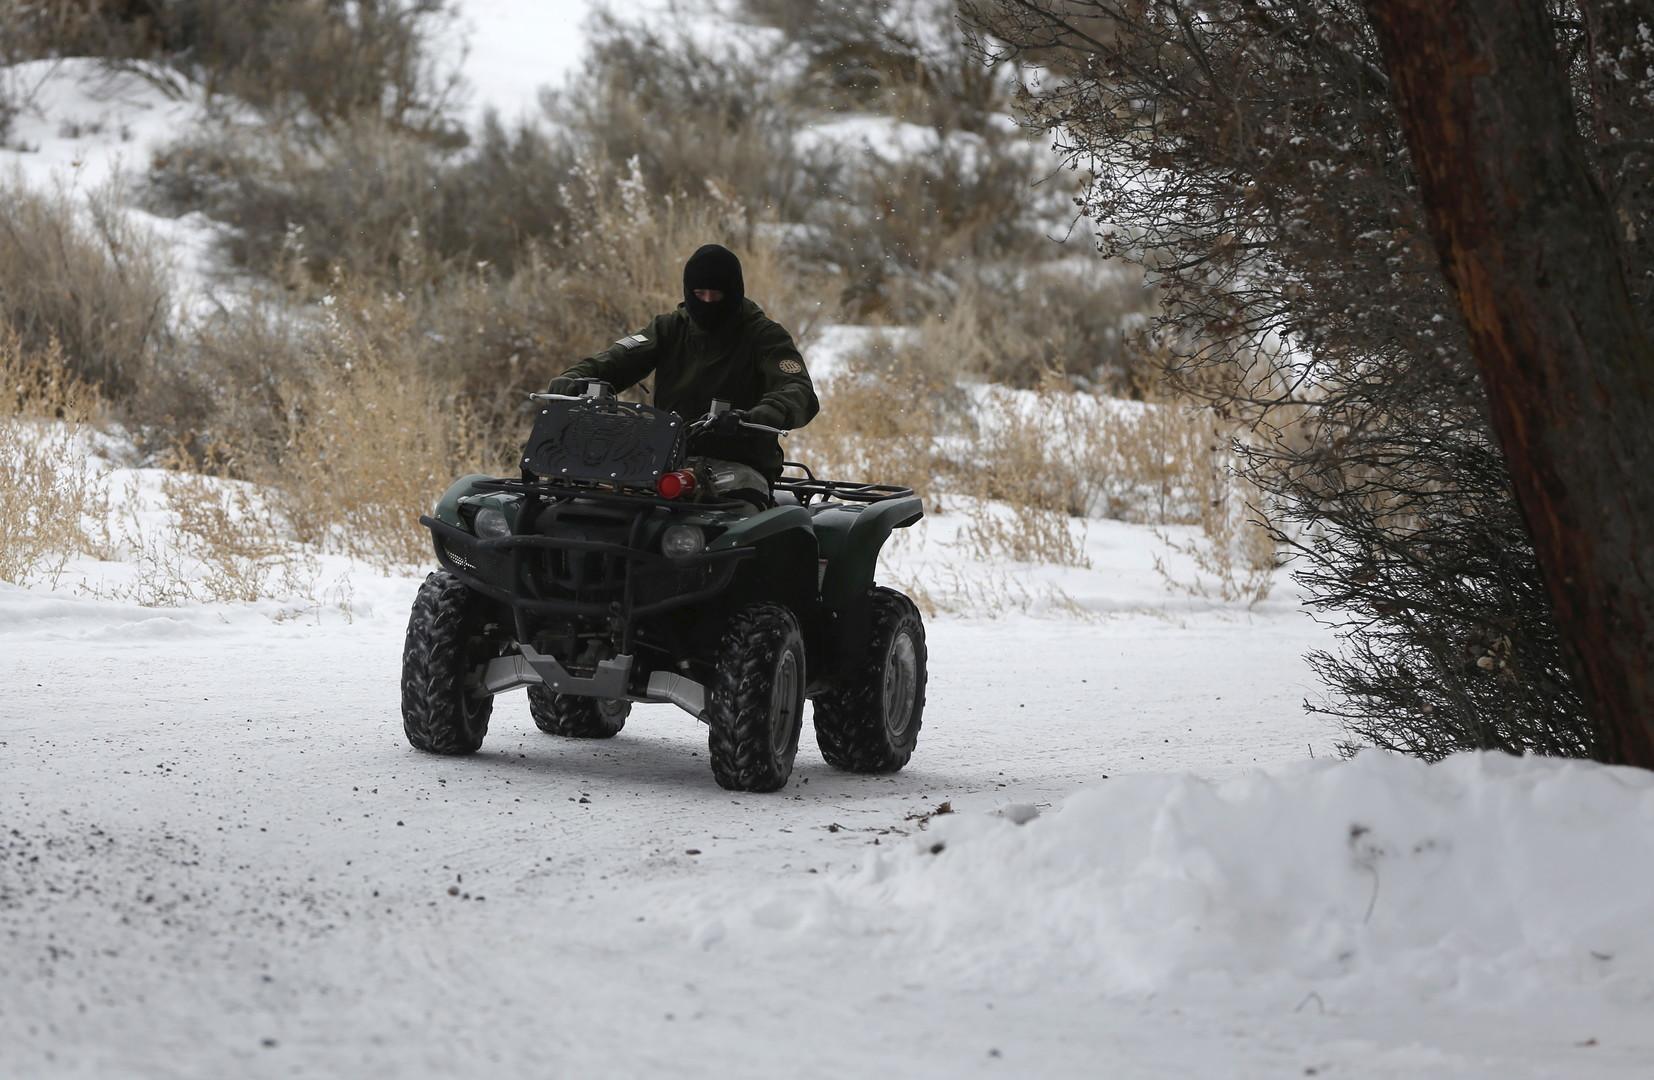 Milice armée contre FBI aux Etats-Unis : le point après plus d'une semaine d'occupation